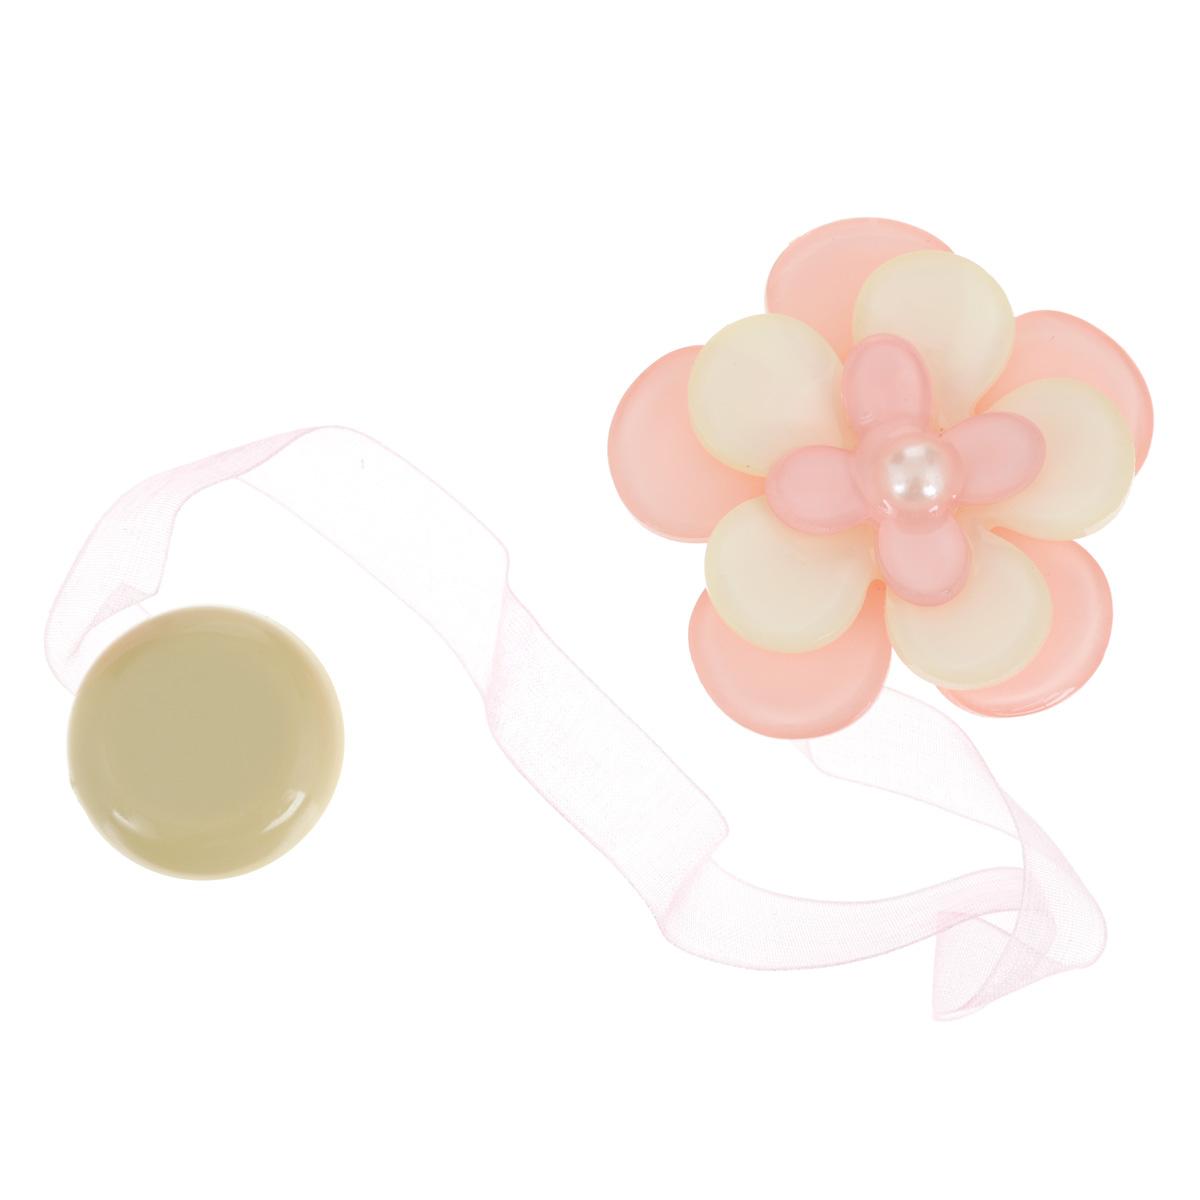 Клипса-магнит для штор Calamita Fiore, цвет: бледно-розовый, бежевый. 7704013_551CDF-16Клипса-магнит Calamita Fiore, изготовленная из пластика и полиэстера, предназначена для придания формы шторам. Изделие представляет собой два магнита, расположенные на разных концах текстильной ленты. Один из магнитов оформлен декоративным цветком. С помощью такой магнитной клипсы можно зафиксировать портьеры, придать им требуемое положение, сделать складки симметричными или приблизить портьеры, скрепить их. Клипсы для штор являются универсальным изделием, которое превосходно подойдет как для штор в детской комнате, так и для штор в гостиной. Следует отметить, что клипсы для штор выполняют не только практическую функцию, но также являются одной из основных деталей декора, которая придает шторам восхитительный, стильный внешний вид.Диаметр декоративного цветка: 5 см.Длина ленты: 28 см.